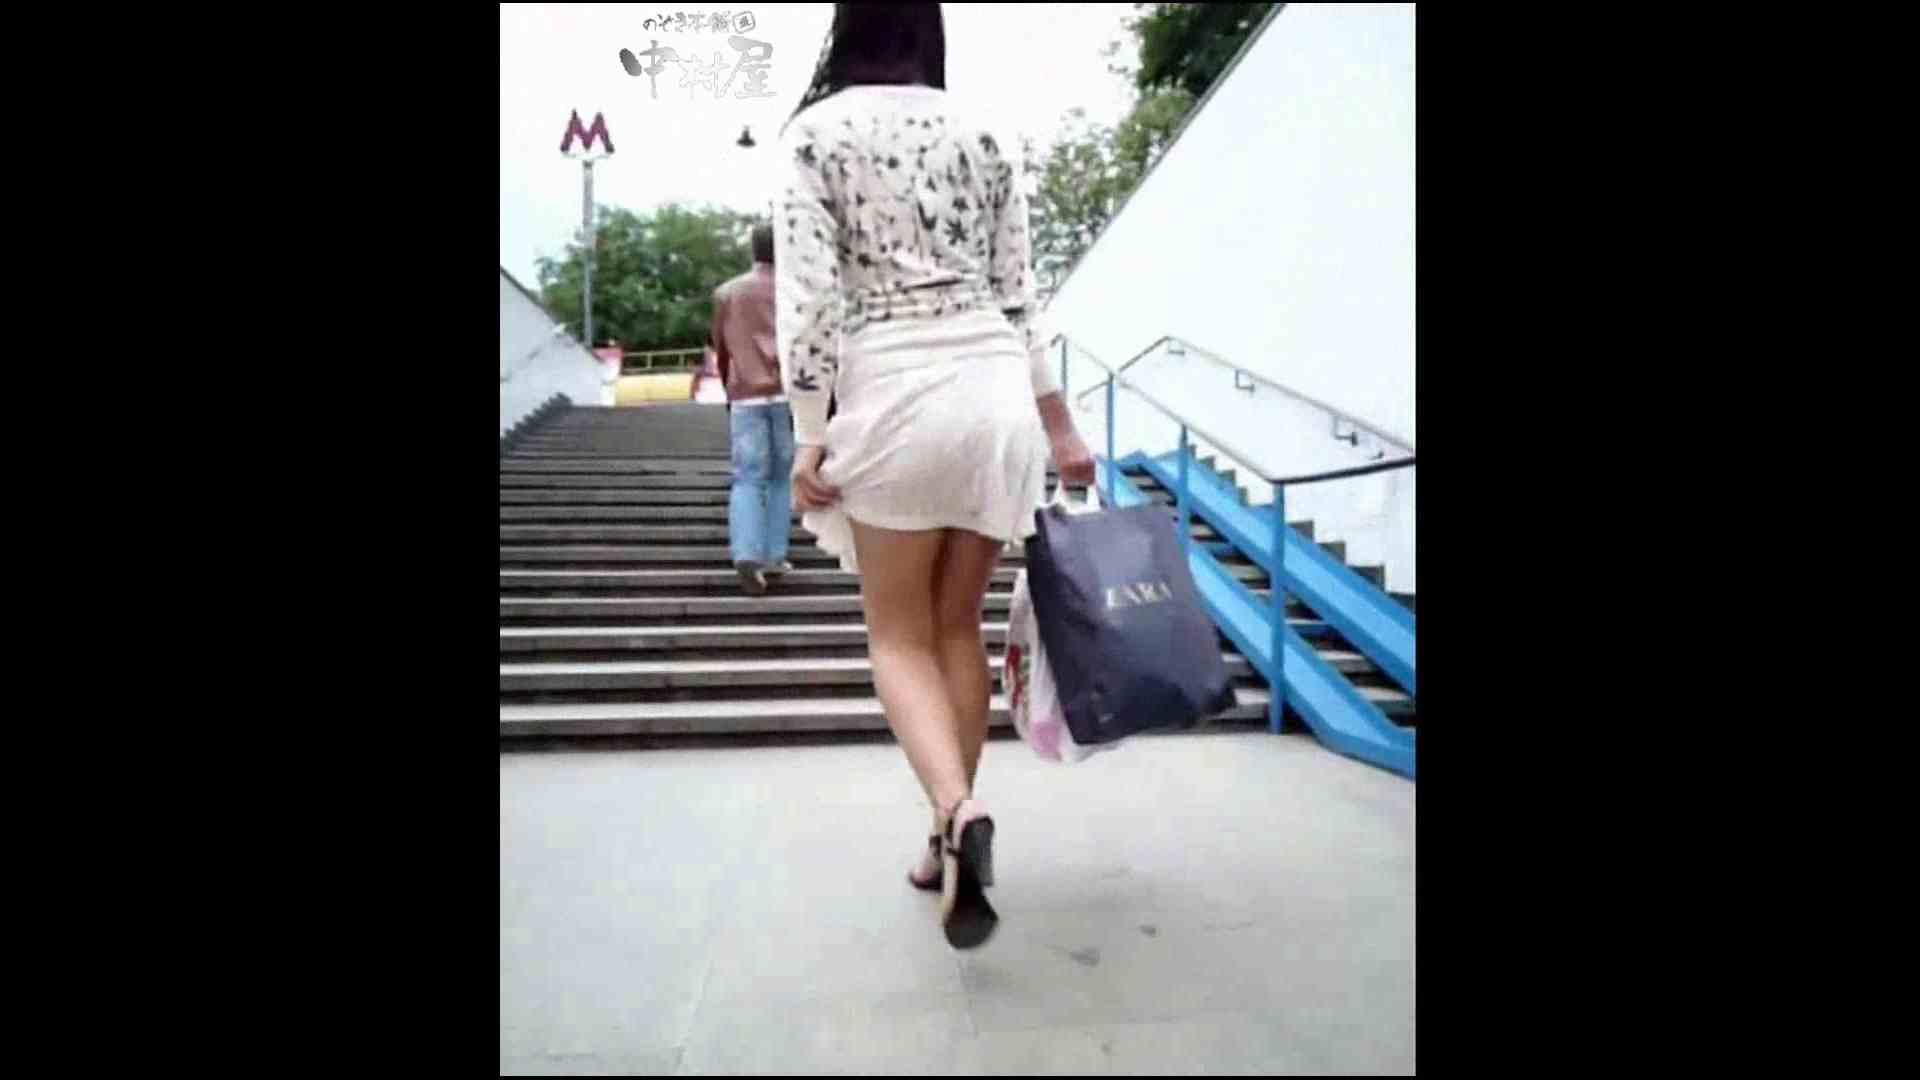 綺麗なモデルさんのスカート捲っちゃおう‼ vol27 綺麗なOLたち | 超エロお姉さん  65枚 64